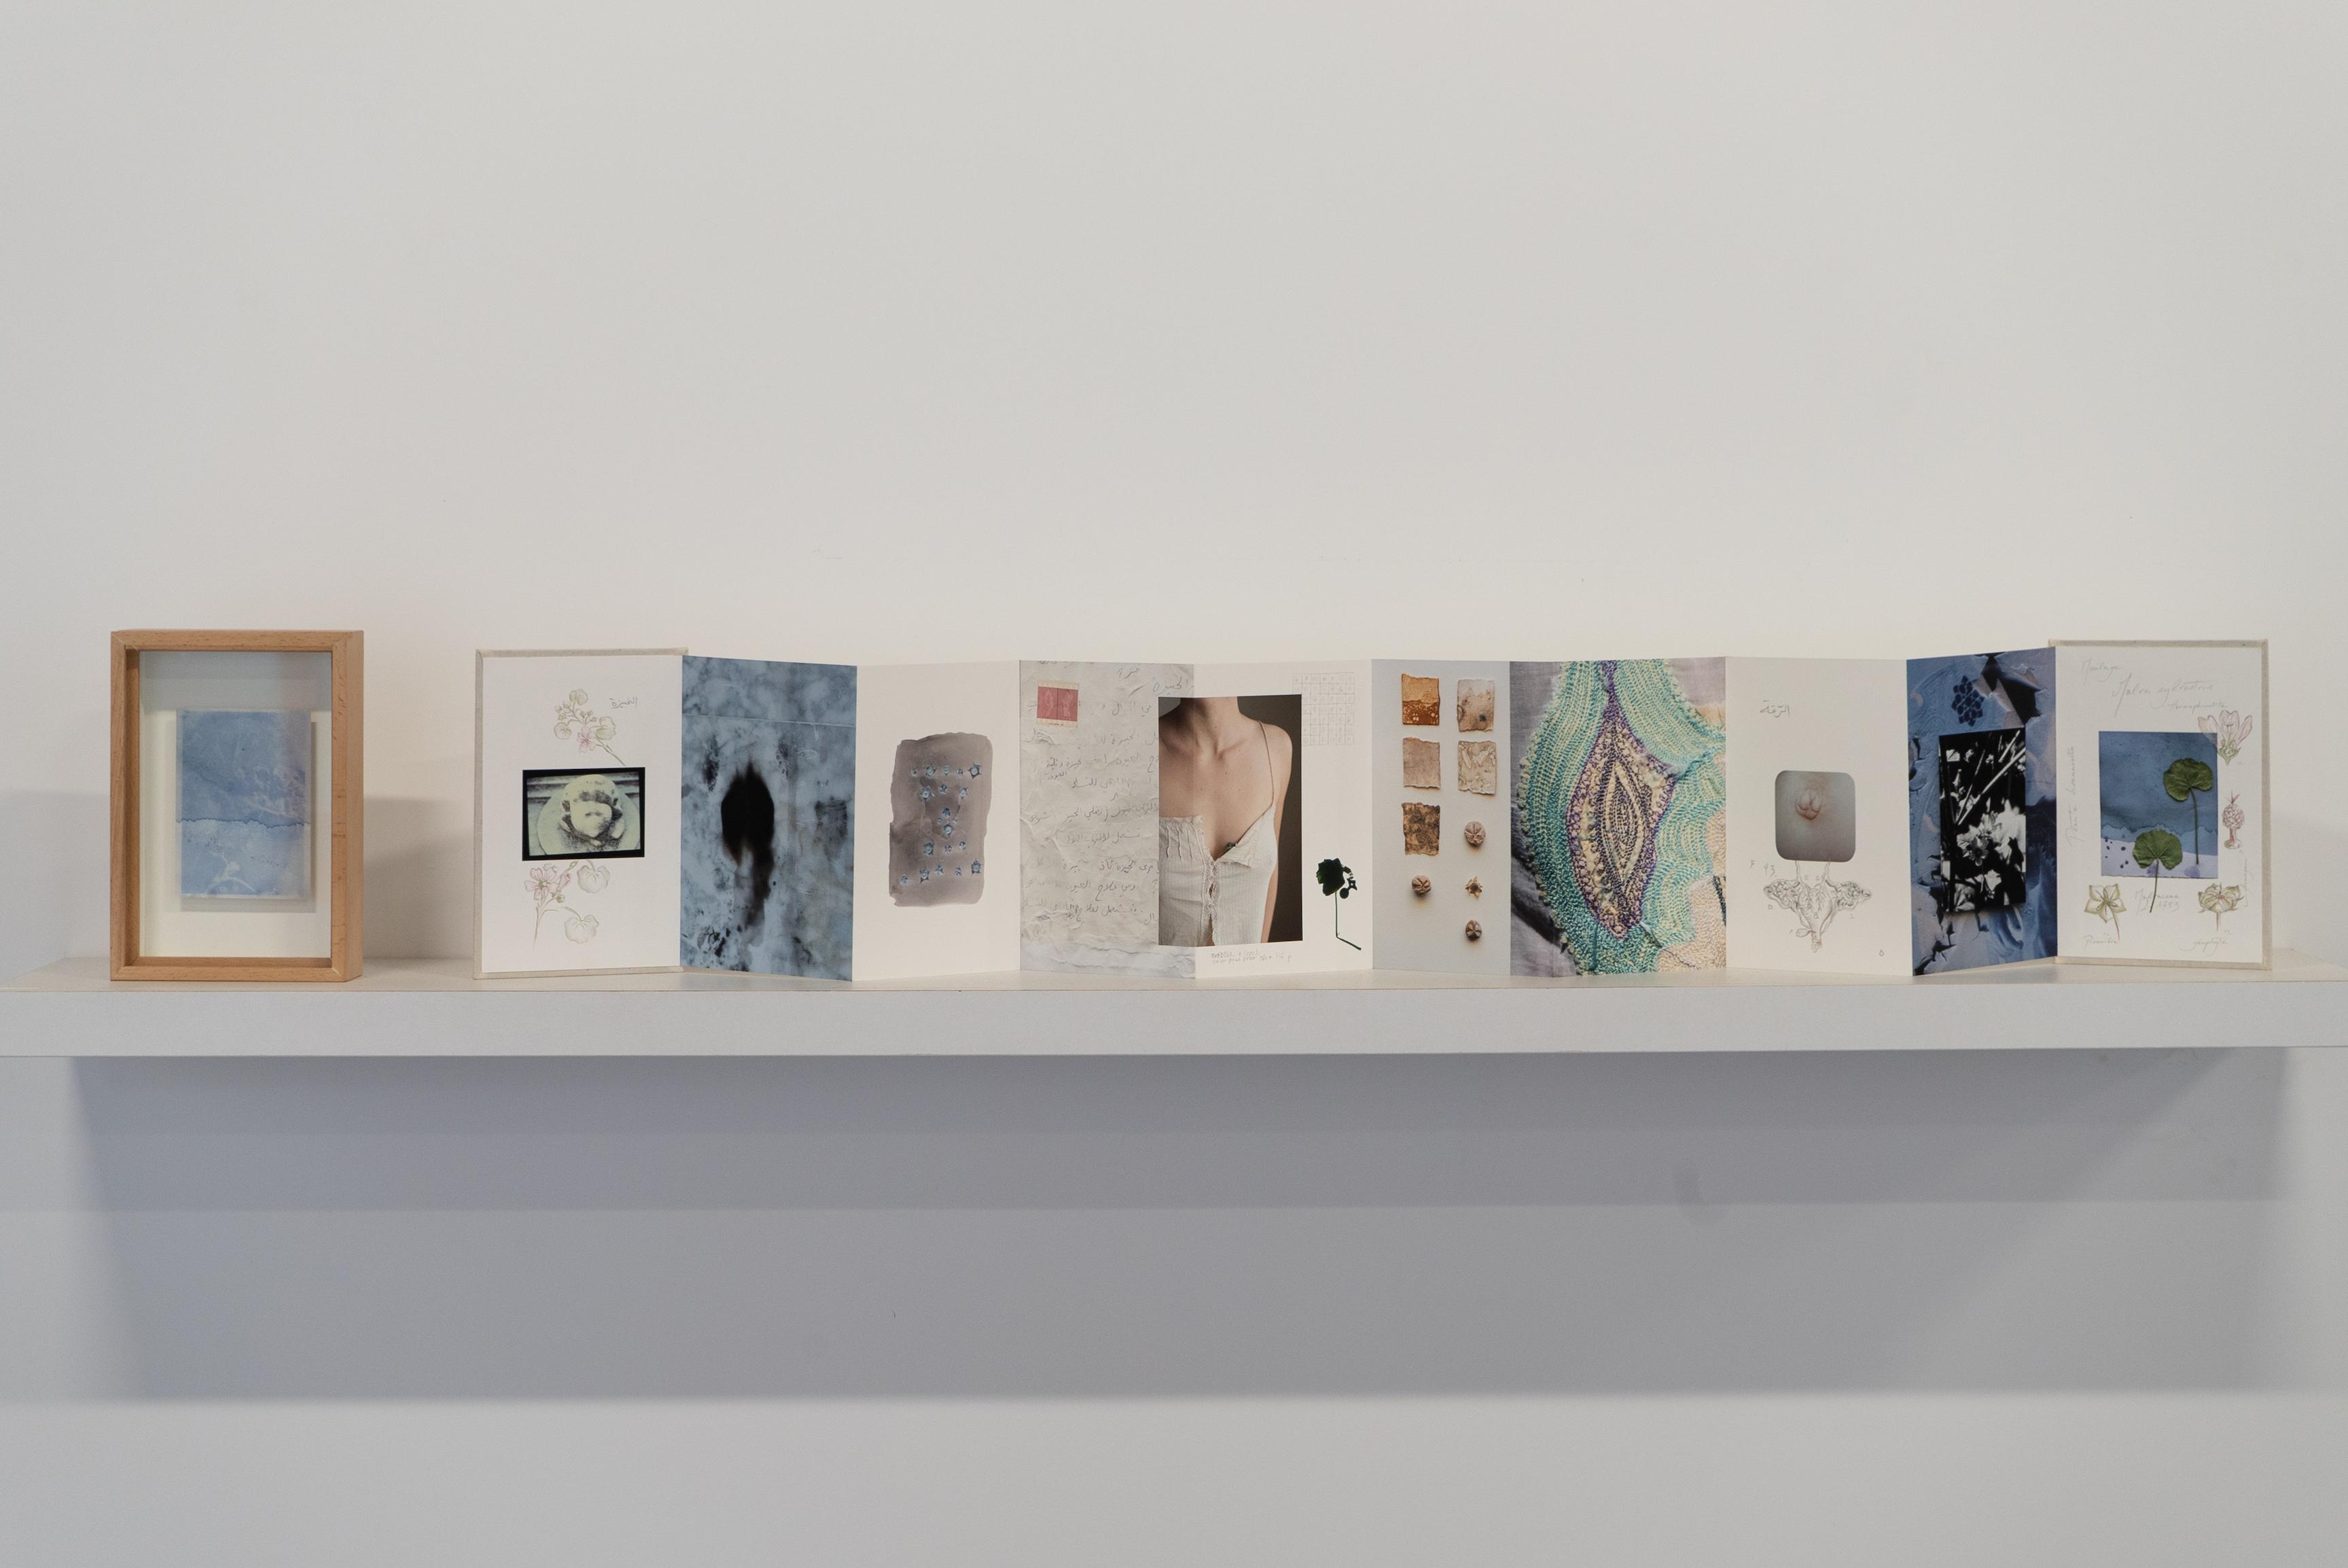 Caroline Tabet & Clémence Cottard Hachem, Secret-Soleils, 2021, Papaver Roheas, Wooden box, 25.5 cm * 17 cm * 6 cm © Dimitri Nassar, Courtesy of Galerie Tanit.